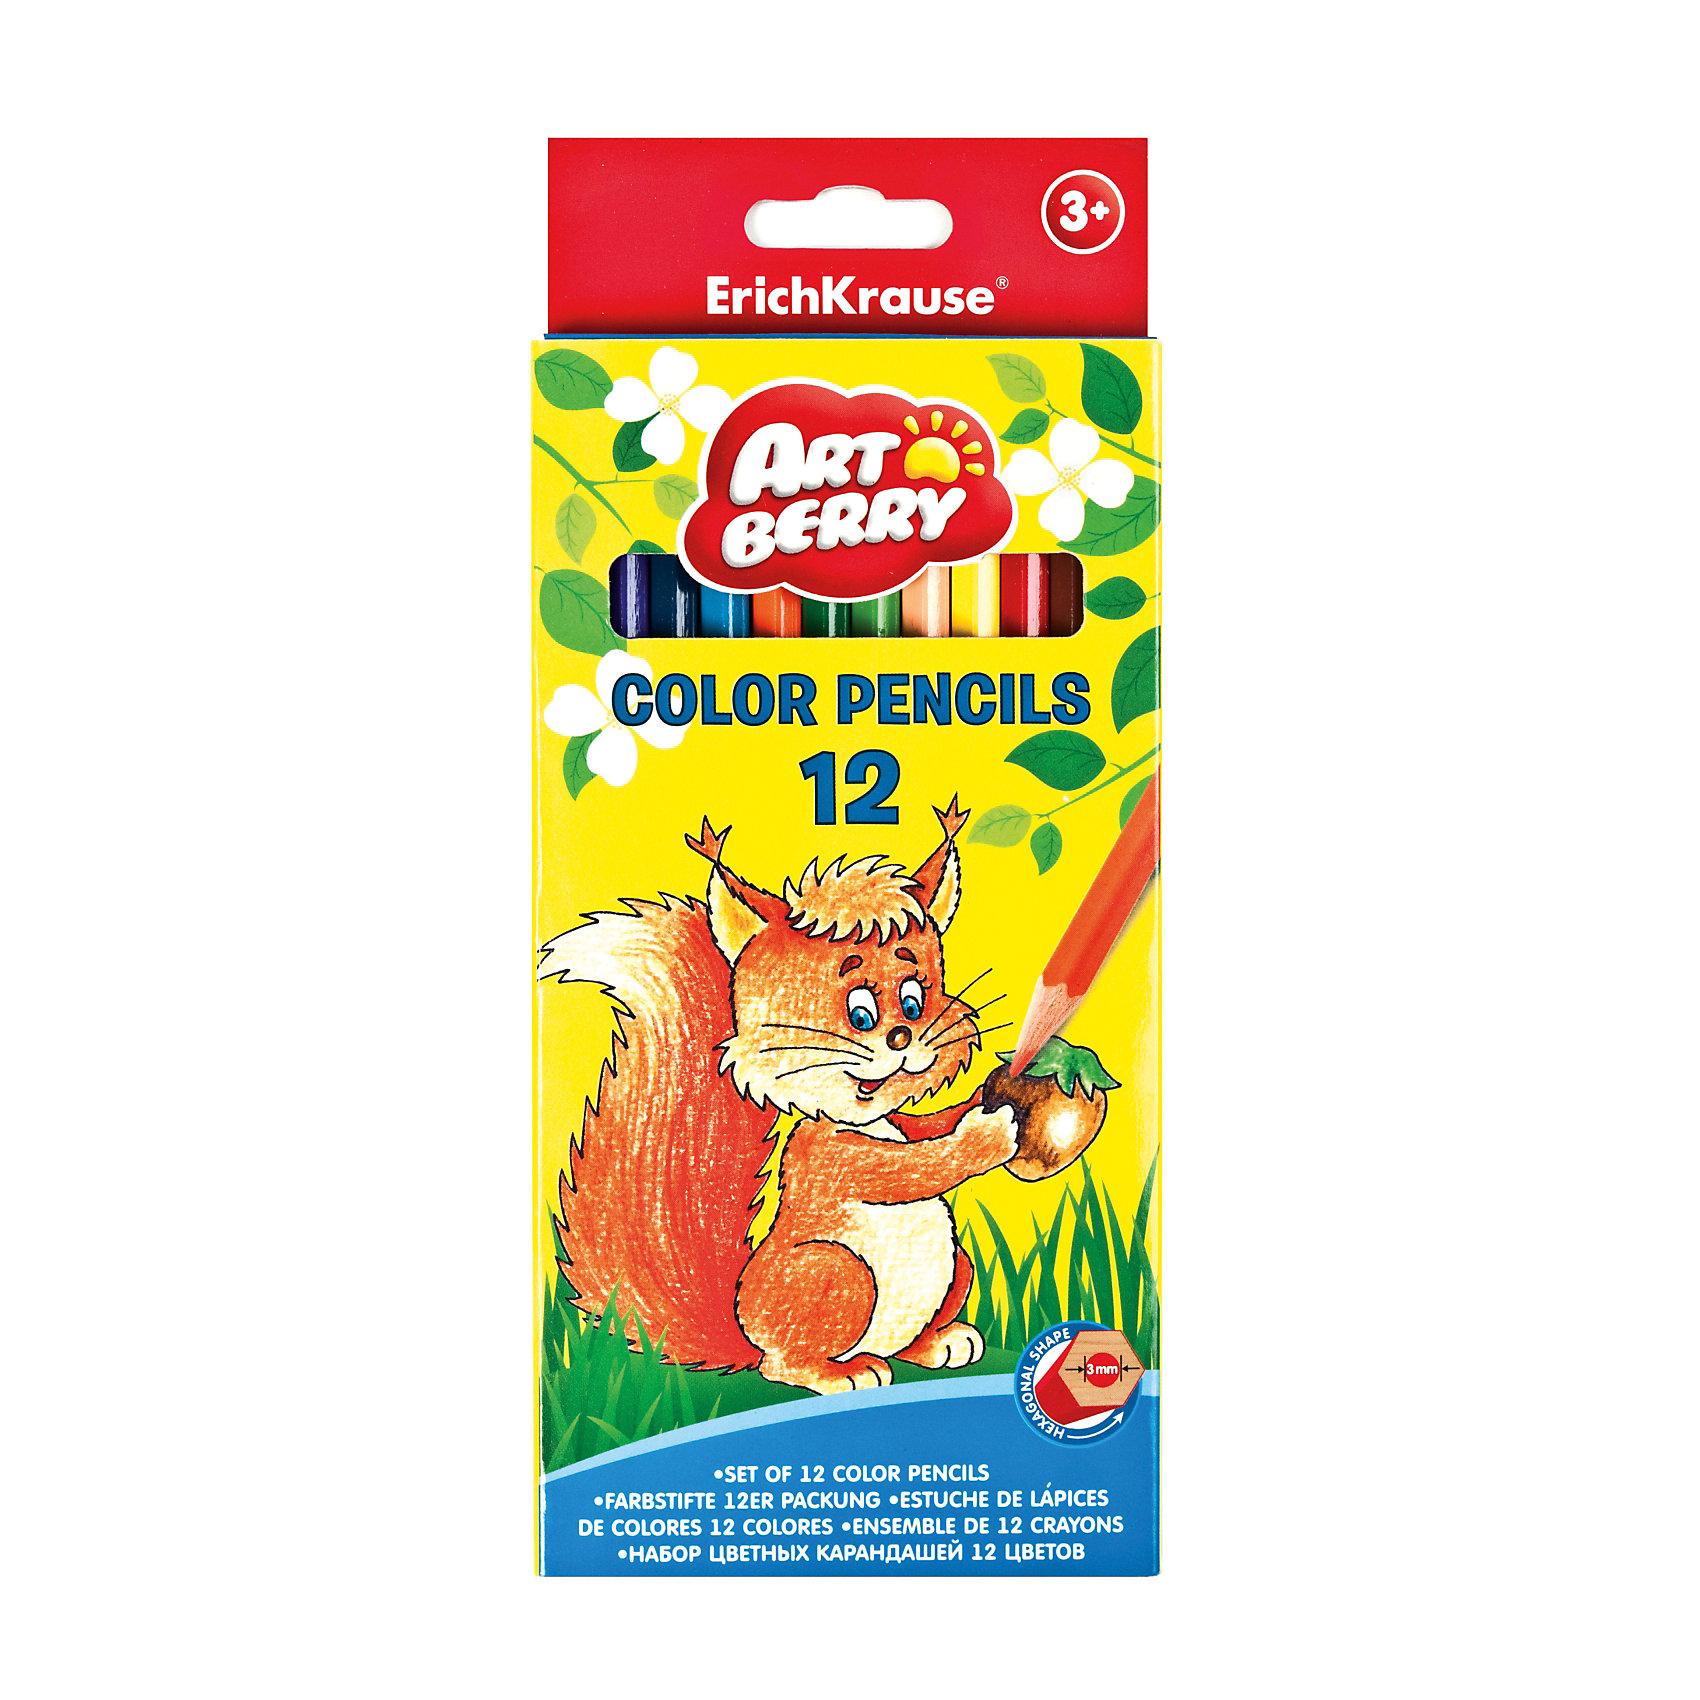 Цветные карандаши шестигранные ArtBerry Premium, 12 цветовПисьменные принадлежности<br>Характеристики цветных шестигранных карандашей ArtBerry:<br><br>• возраст: от 5 лет<br>• пол: для мальчиков и девочек<br>• комплект: 12 карандаша разного цвета<br>• материал: дерево.<br>• упаковка: картонная коробка <br>• толщина грифеля: 3 мм.<br>• длина карандаша: 17 см.<br>• размеры упаковки: 18.5x6x1 см<br>• вес в упаковке : 55 г.<br>• бренд: Erich Krause<br>• страна обладатель бренда: Россия<br><br>Цветные карандаши – постоянные спутники юных художников и спасители мам, позволяющие хоть на несколько минут отвлечь активного ребенка. Рисование помогает детям развить фантазию и логическое мышление путем соотнесения цветов и форм, позволяет выработать усидчивость и учит сосредотачивать внимание на конкретной задаче. К тому же это весело, особенно если родители присоединятся к творческому процессу. <br><br>Карандаши Erich Krause Artberry 12 цветов и другие виды пишущих принадлежностей, представленные в разделе «Всё для рисования», подходят не только для детского творчества, но и для взрослых, отличаются высоким качеством и позволяют реализовывать проекты любой сложности. Мы не завышаем цены на данные позиции каталога, даже учитывая их широкую востребованность.<br><br>Цветные карандаши шестигранные ArtBerry торговой марки Erich Krause  можно купить в нашем интернет-магазине.<br><br>Ширина мм: 90<br>Глубина мм: 207<br>Высота мм: 10<br>Вес г: 96<br>Возраст от месяцев: 60<br>Возраст до месяцев: 216<br>Пол: Унисекс<br>Возраст: Детский<br>SKU: 3293893